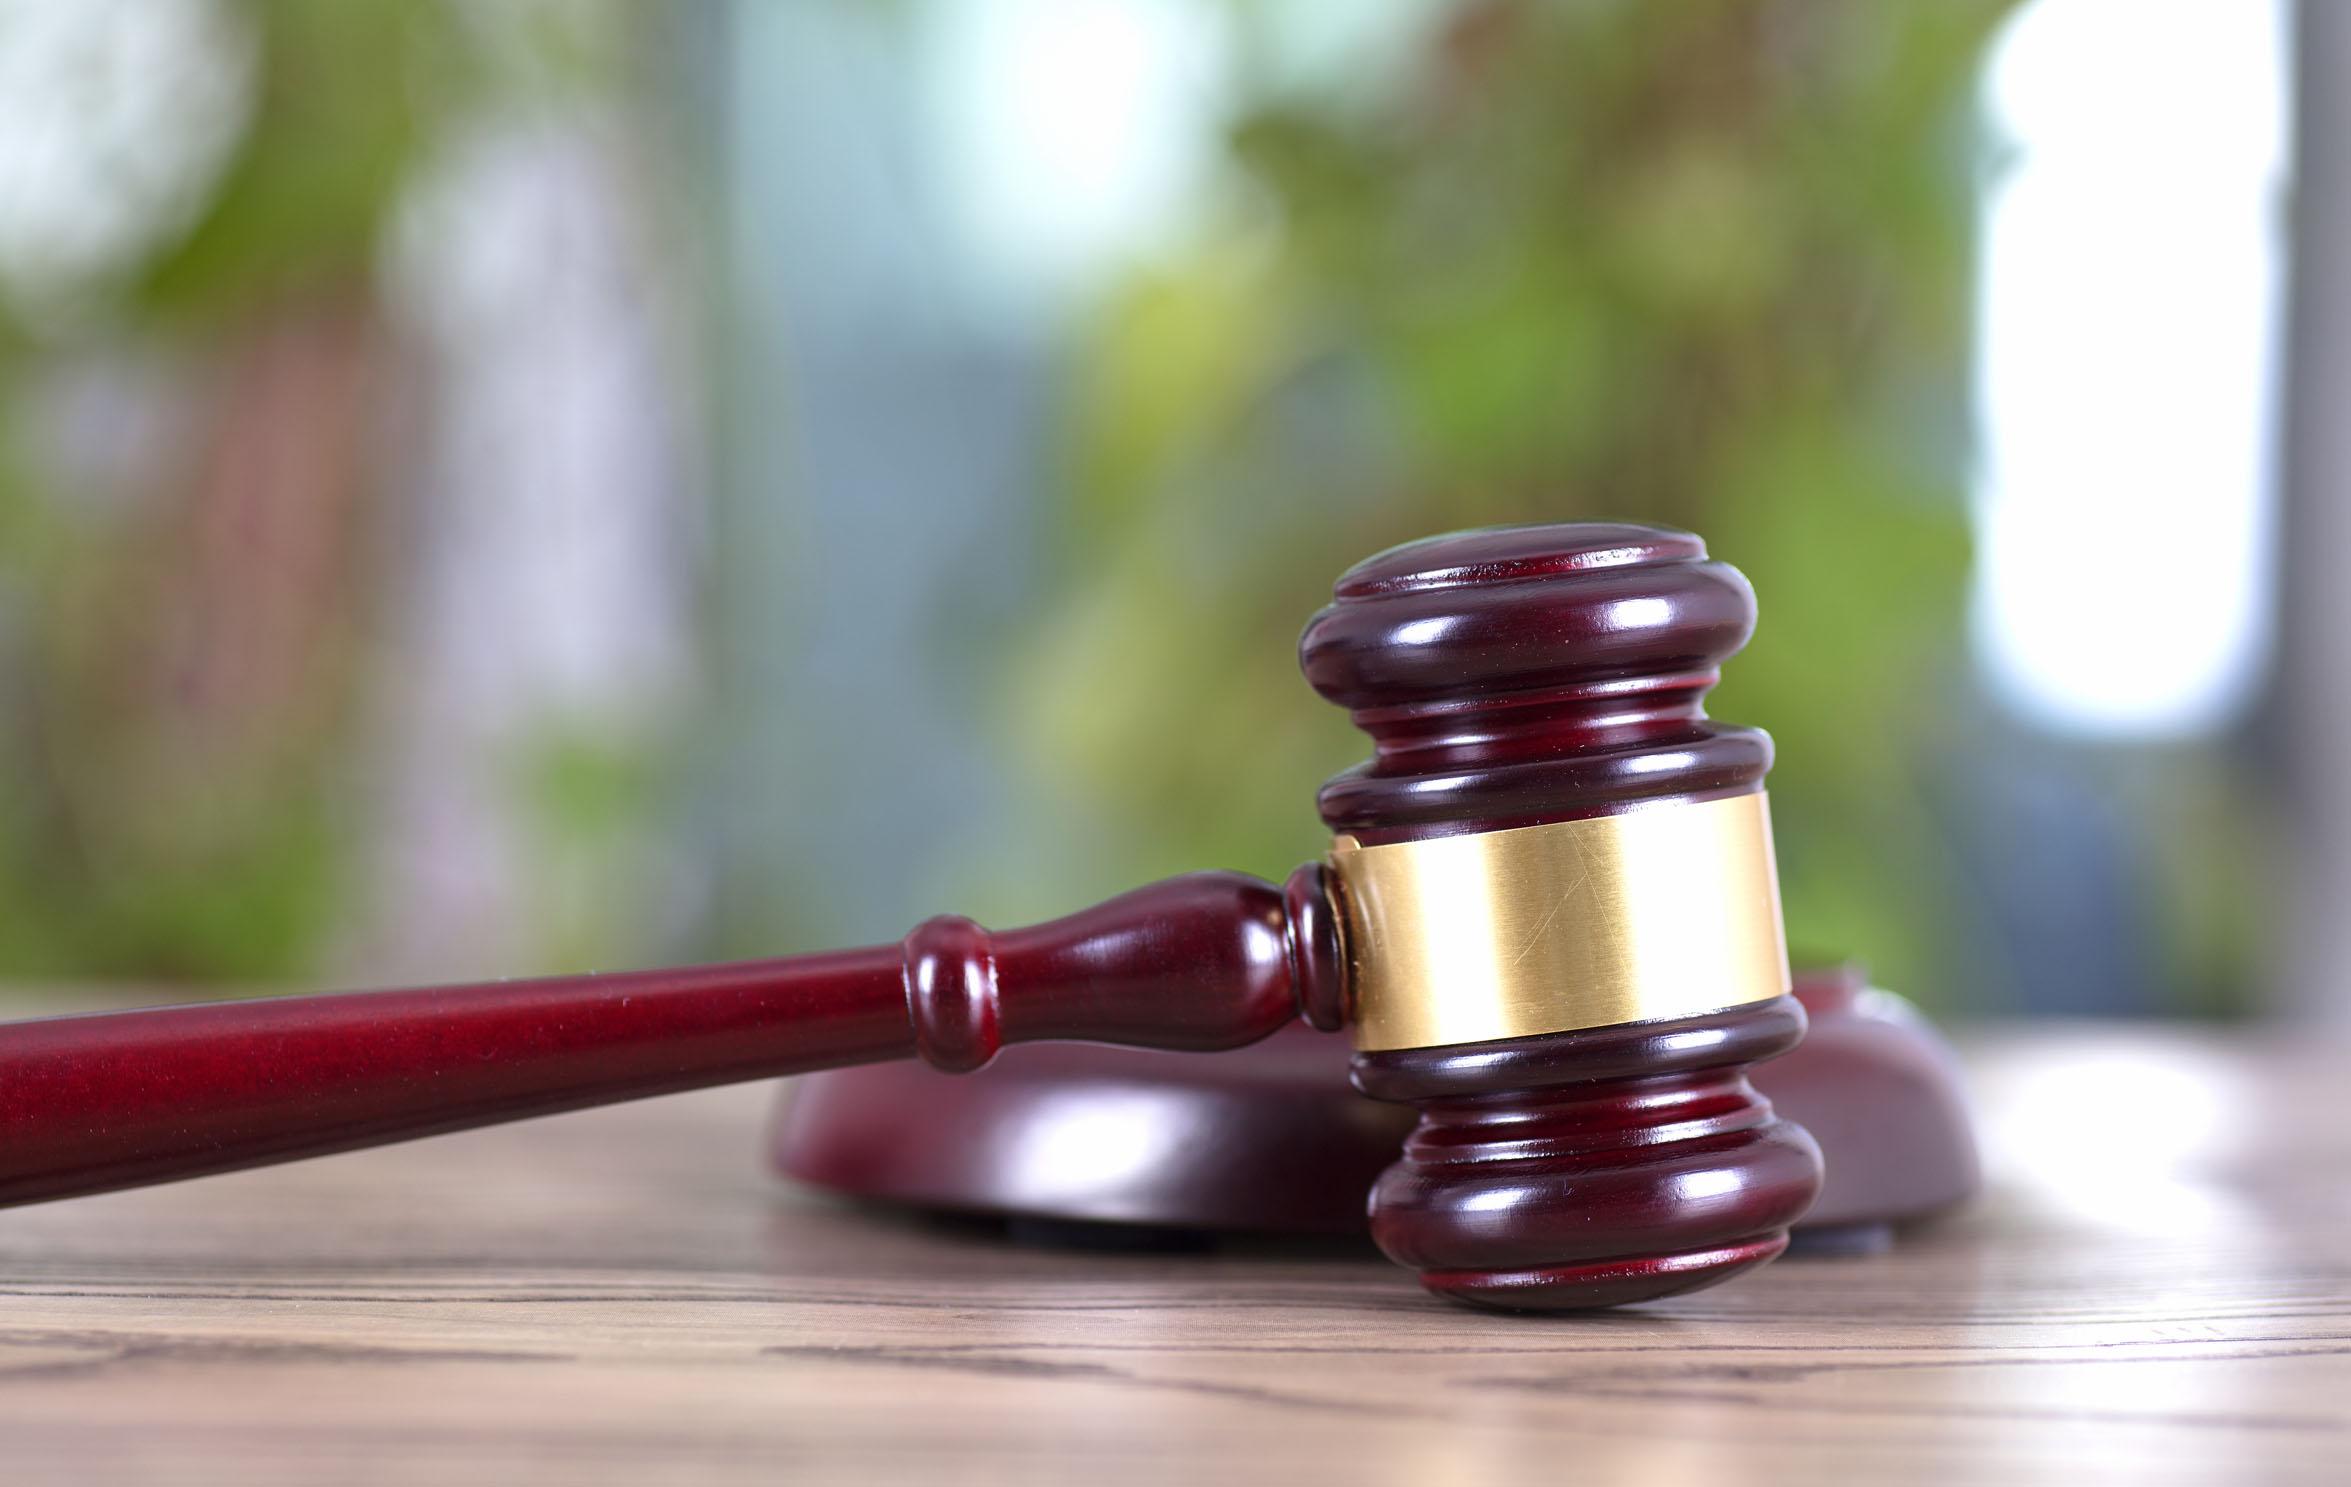 药品行政处罚实施中如何适用免责条款